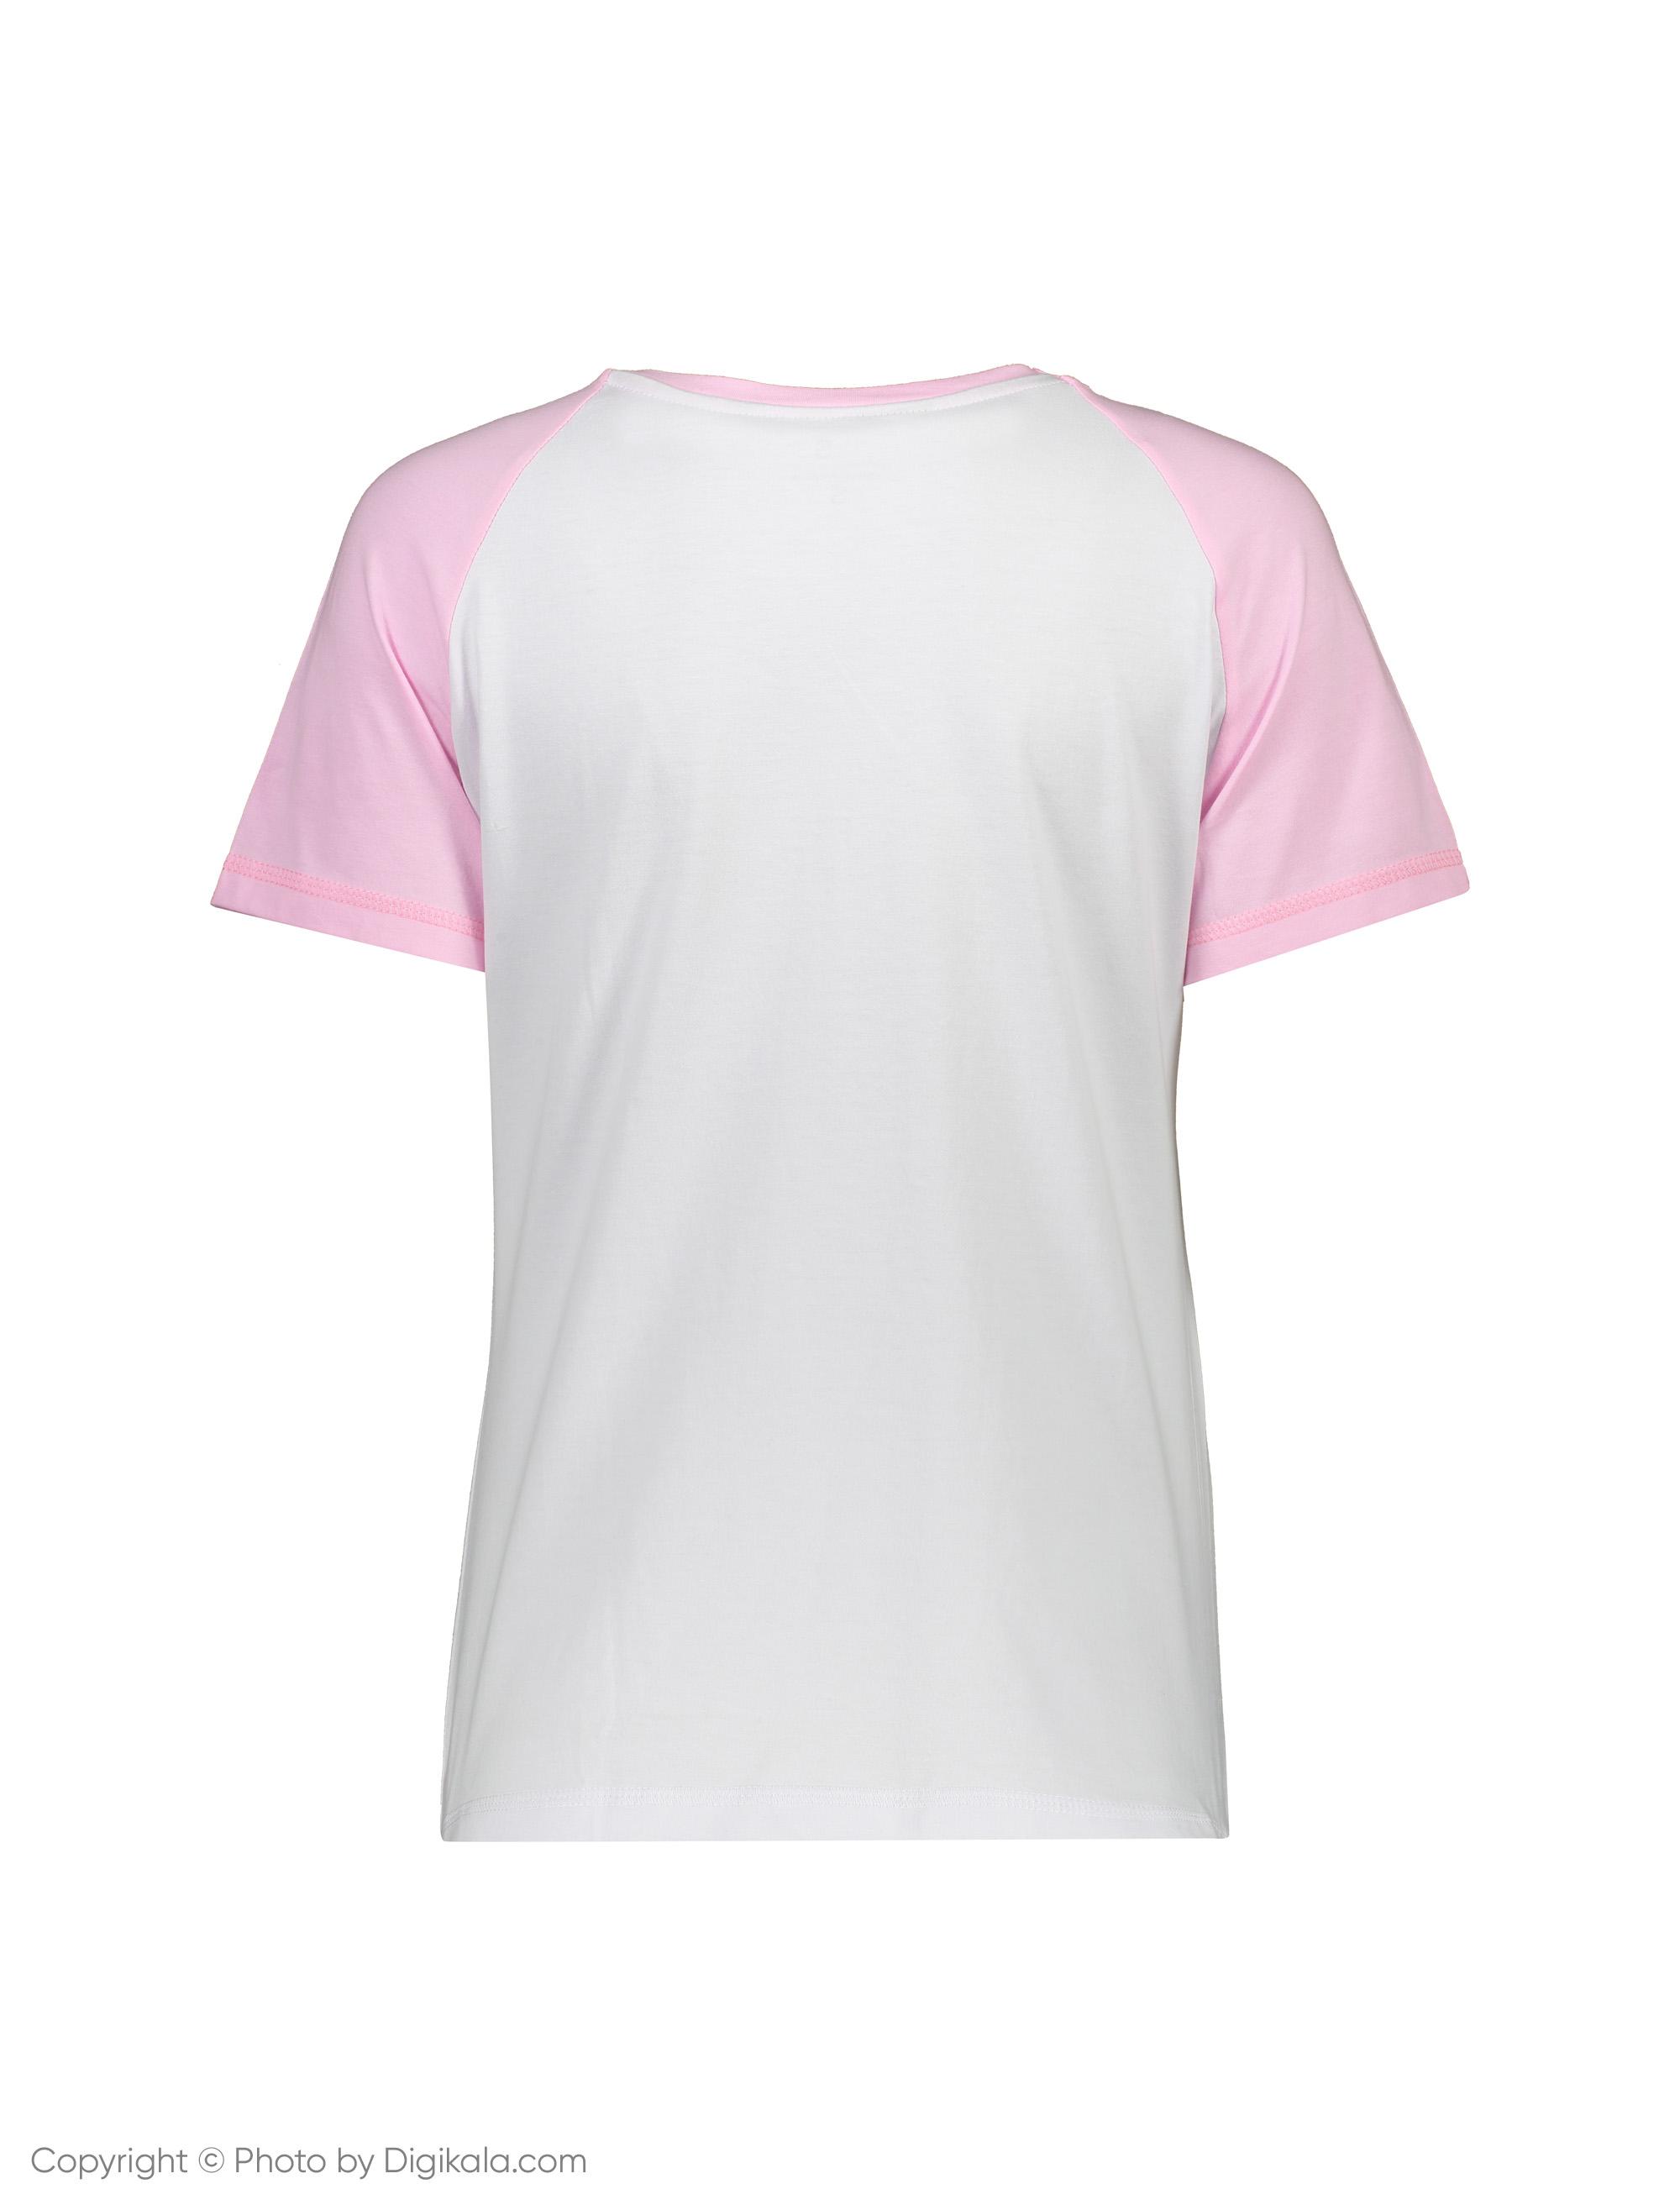 ست تی شرت و شلوار راحتی زنانه ناربن مدل 1521172-0187